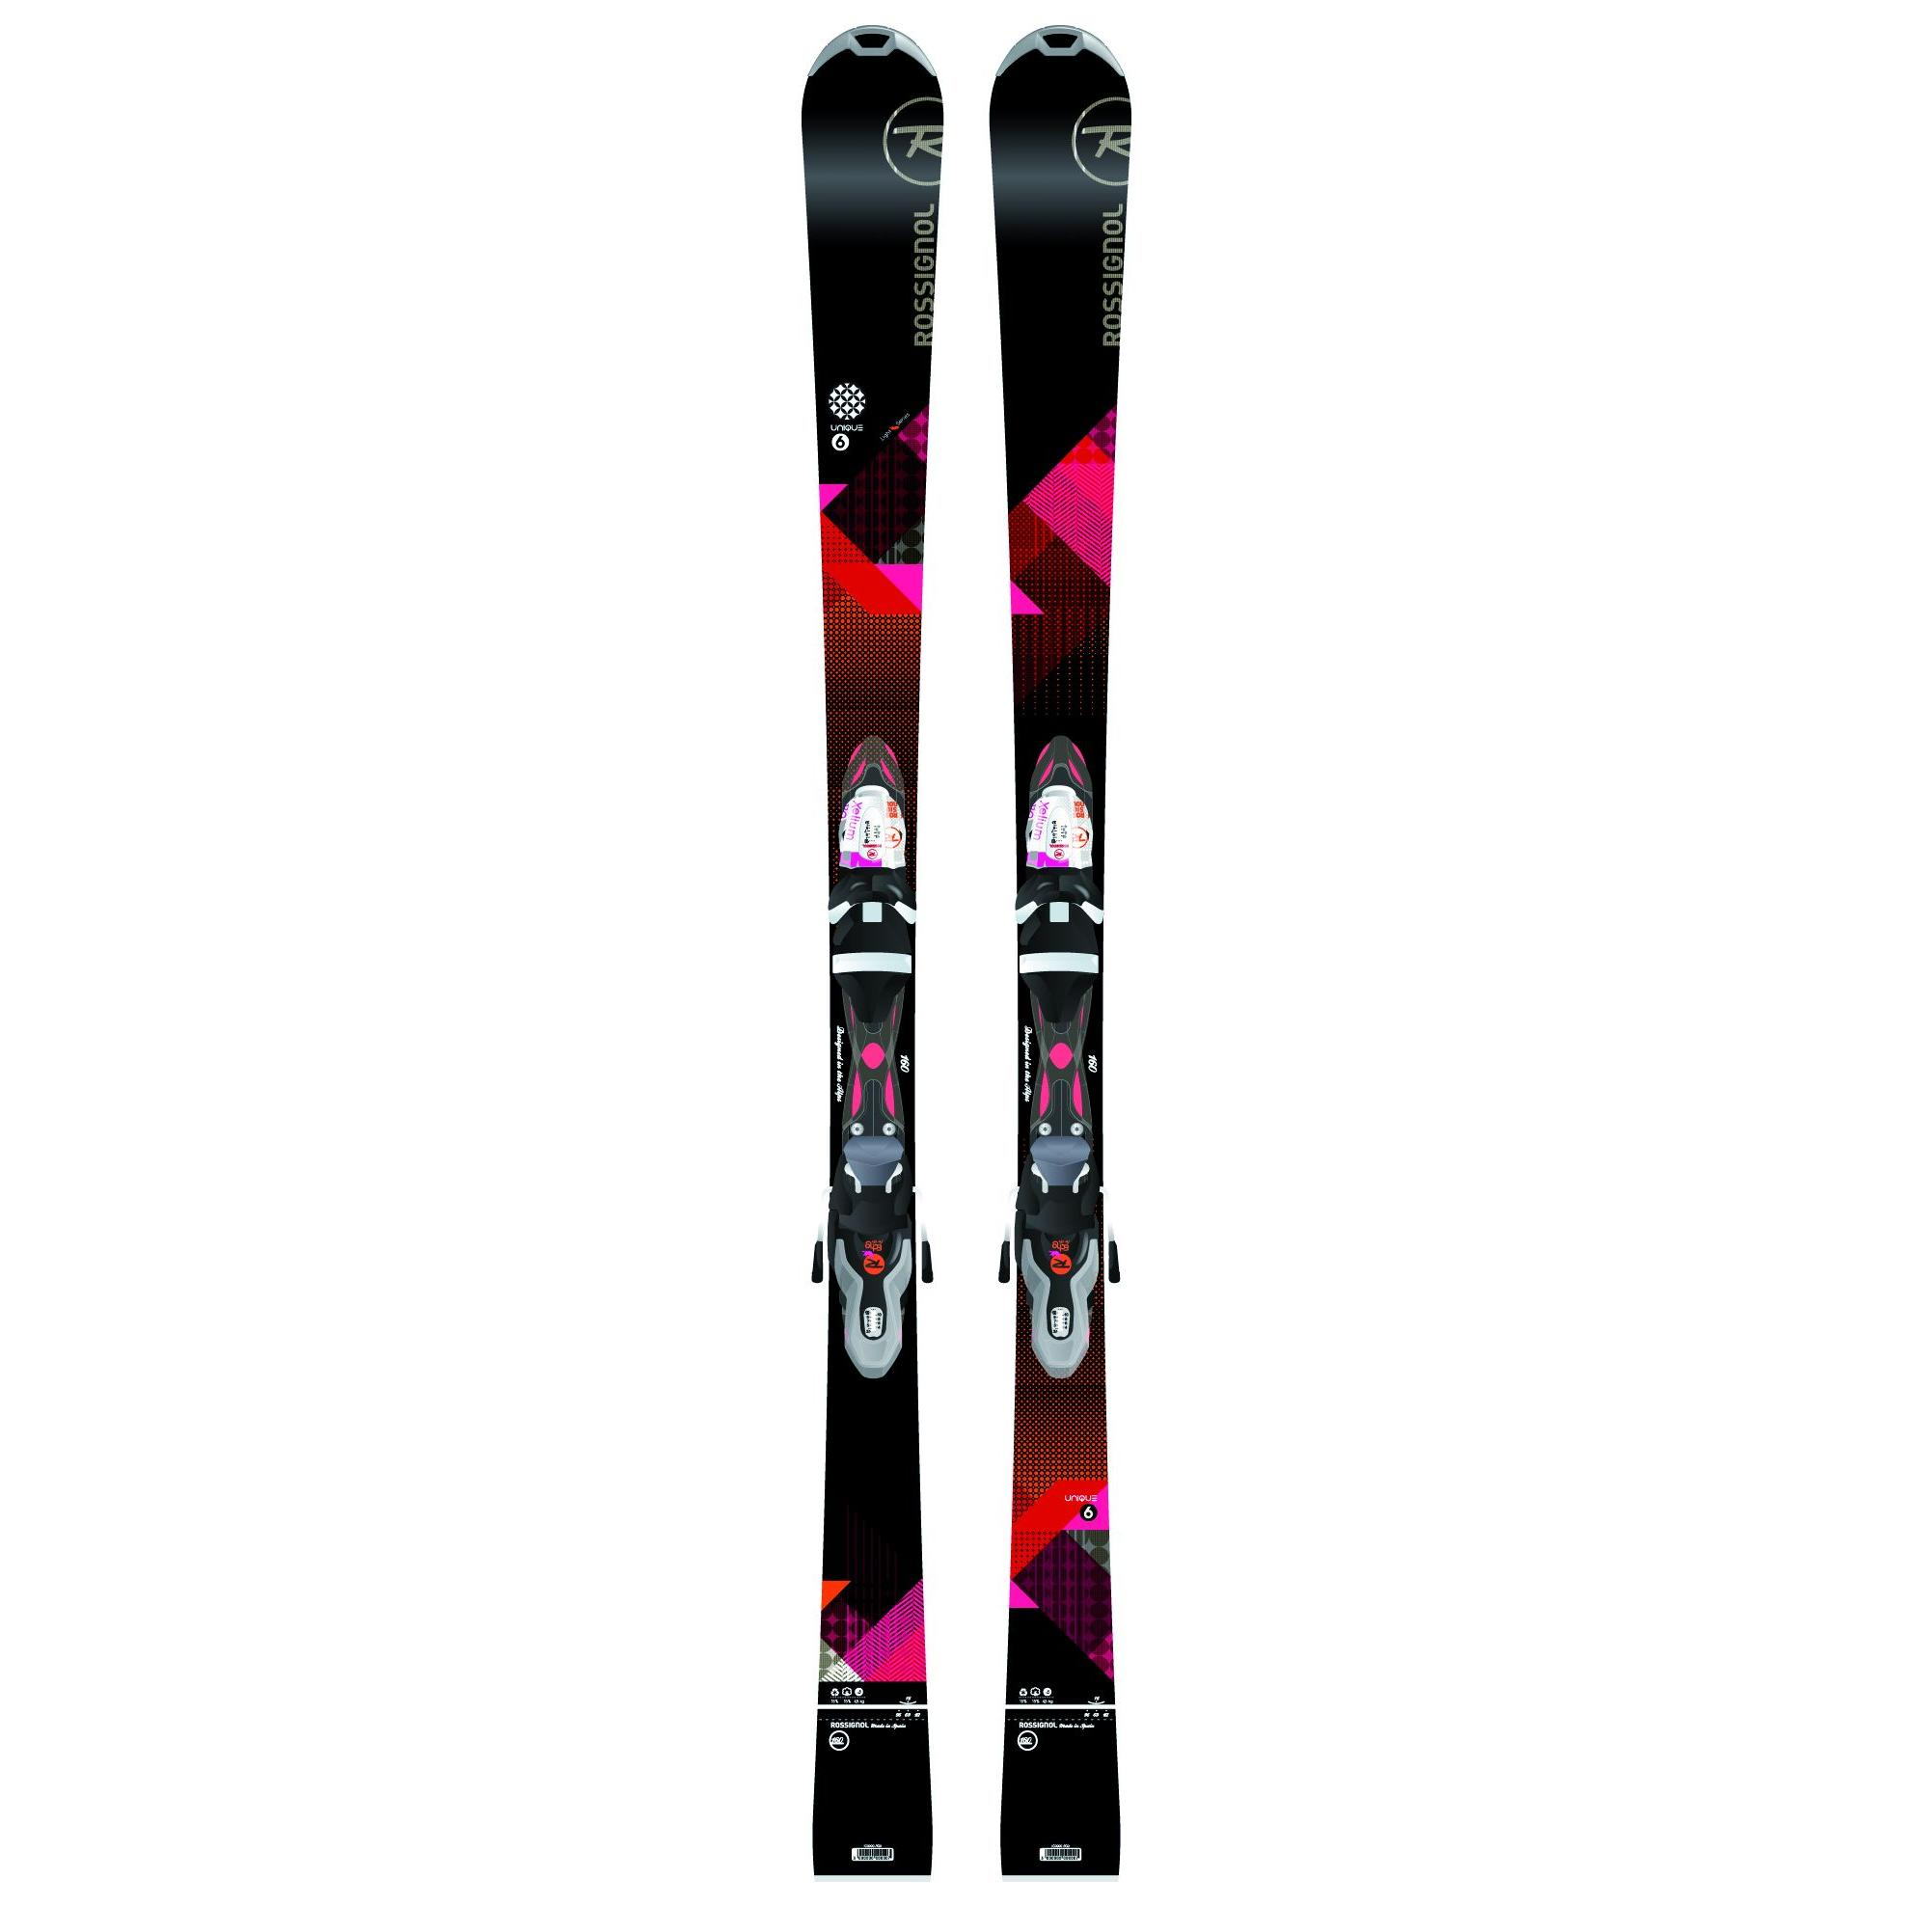 Горные лыжи с креплениями ROSSIGNOL 2015-16 UNIQUE 6/XEL SAPH 110 B83 (RAEIC01+RCED056) 1217164  - купить со скидкой